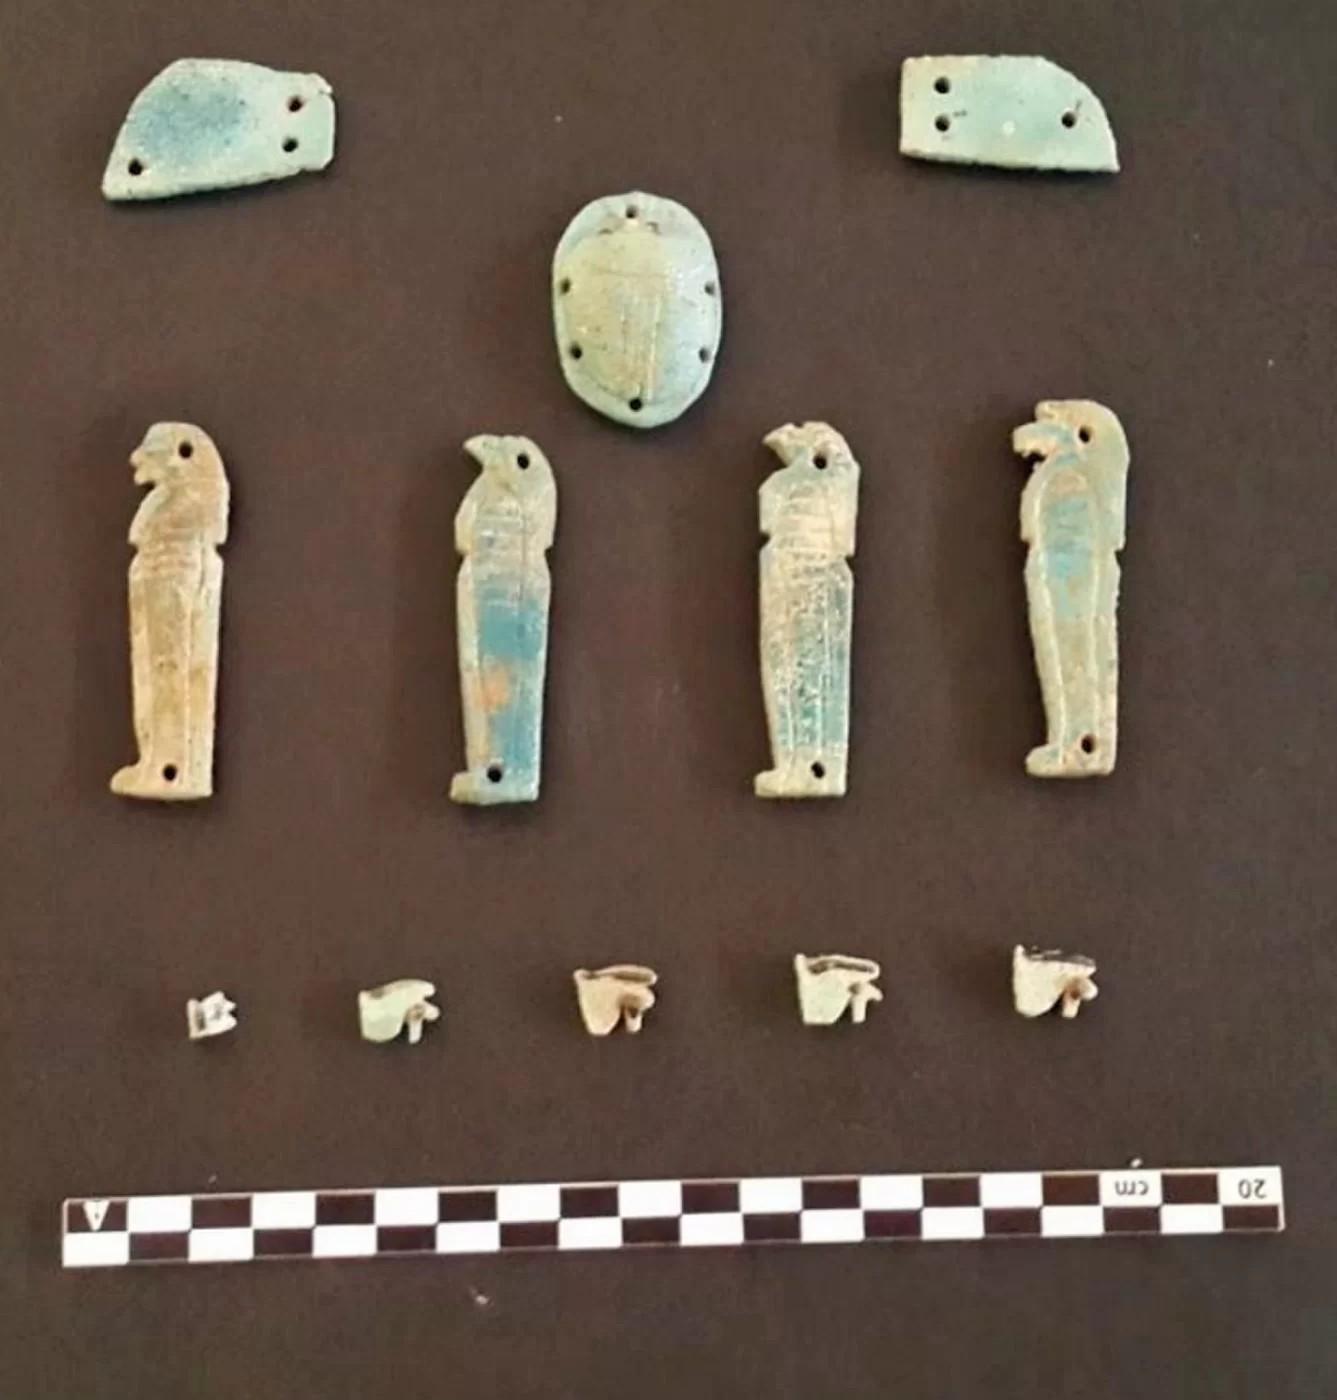 Amuletos de deuses egípcios encontrados perto das tumbas (Foto: Egyptian Ministry of Antiquities)